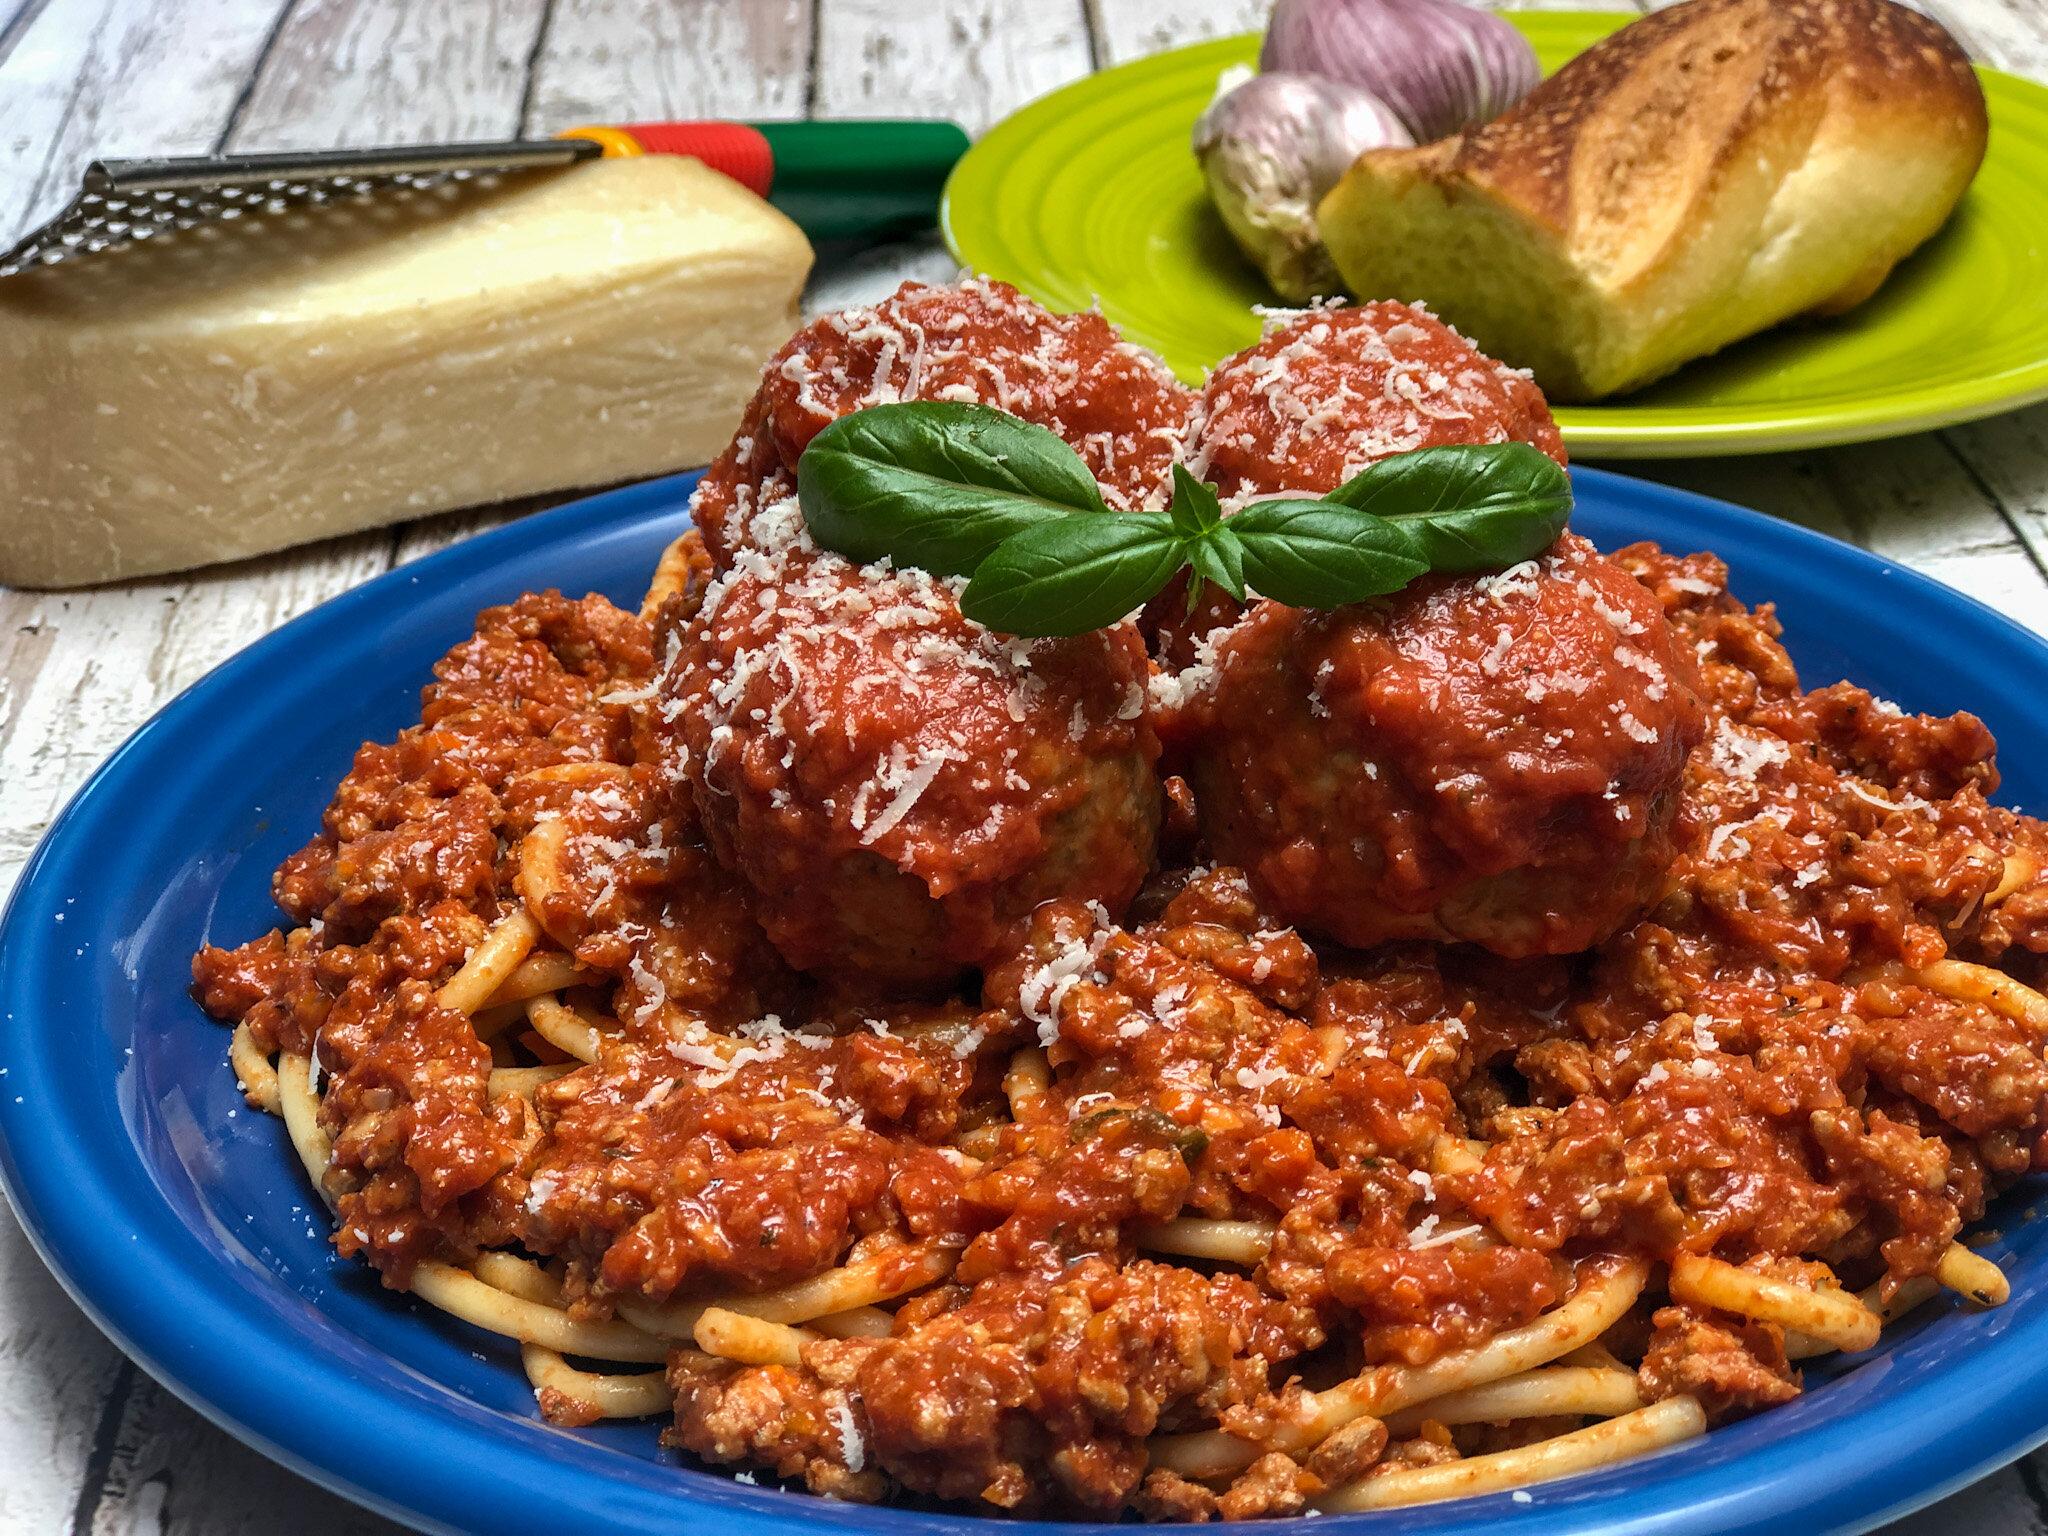 Italian Turkey Meatballs & Spaghetti